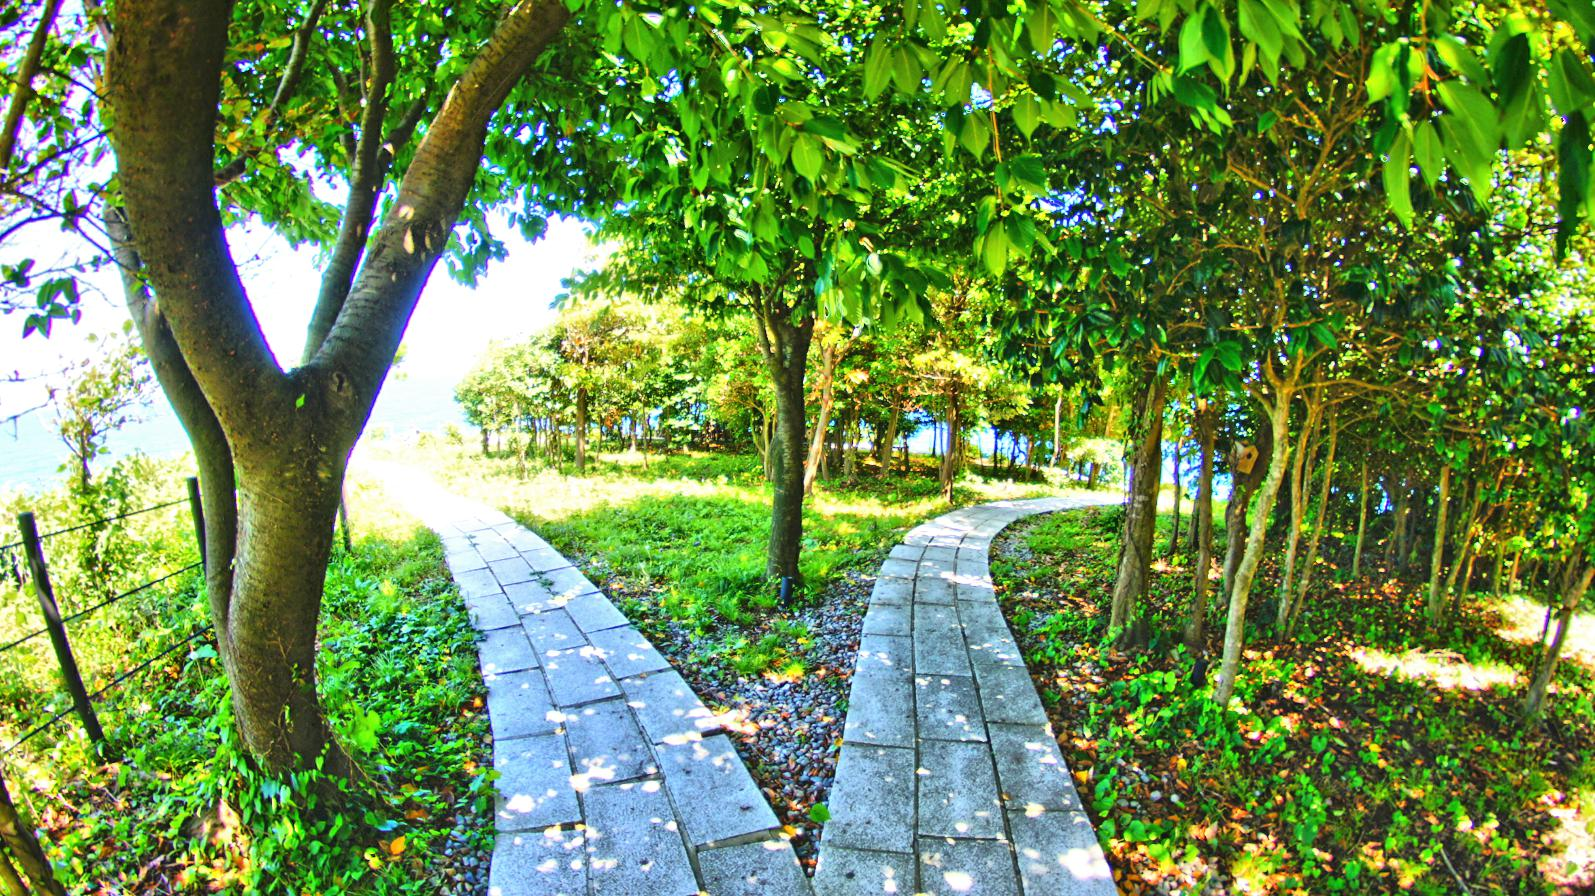 ランプの宿の聖域の岬と青の洞窟パワースポットと駐車場アクセス(石川県珠洲市)